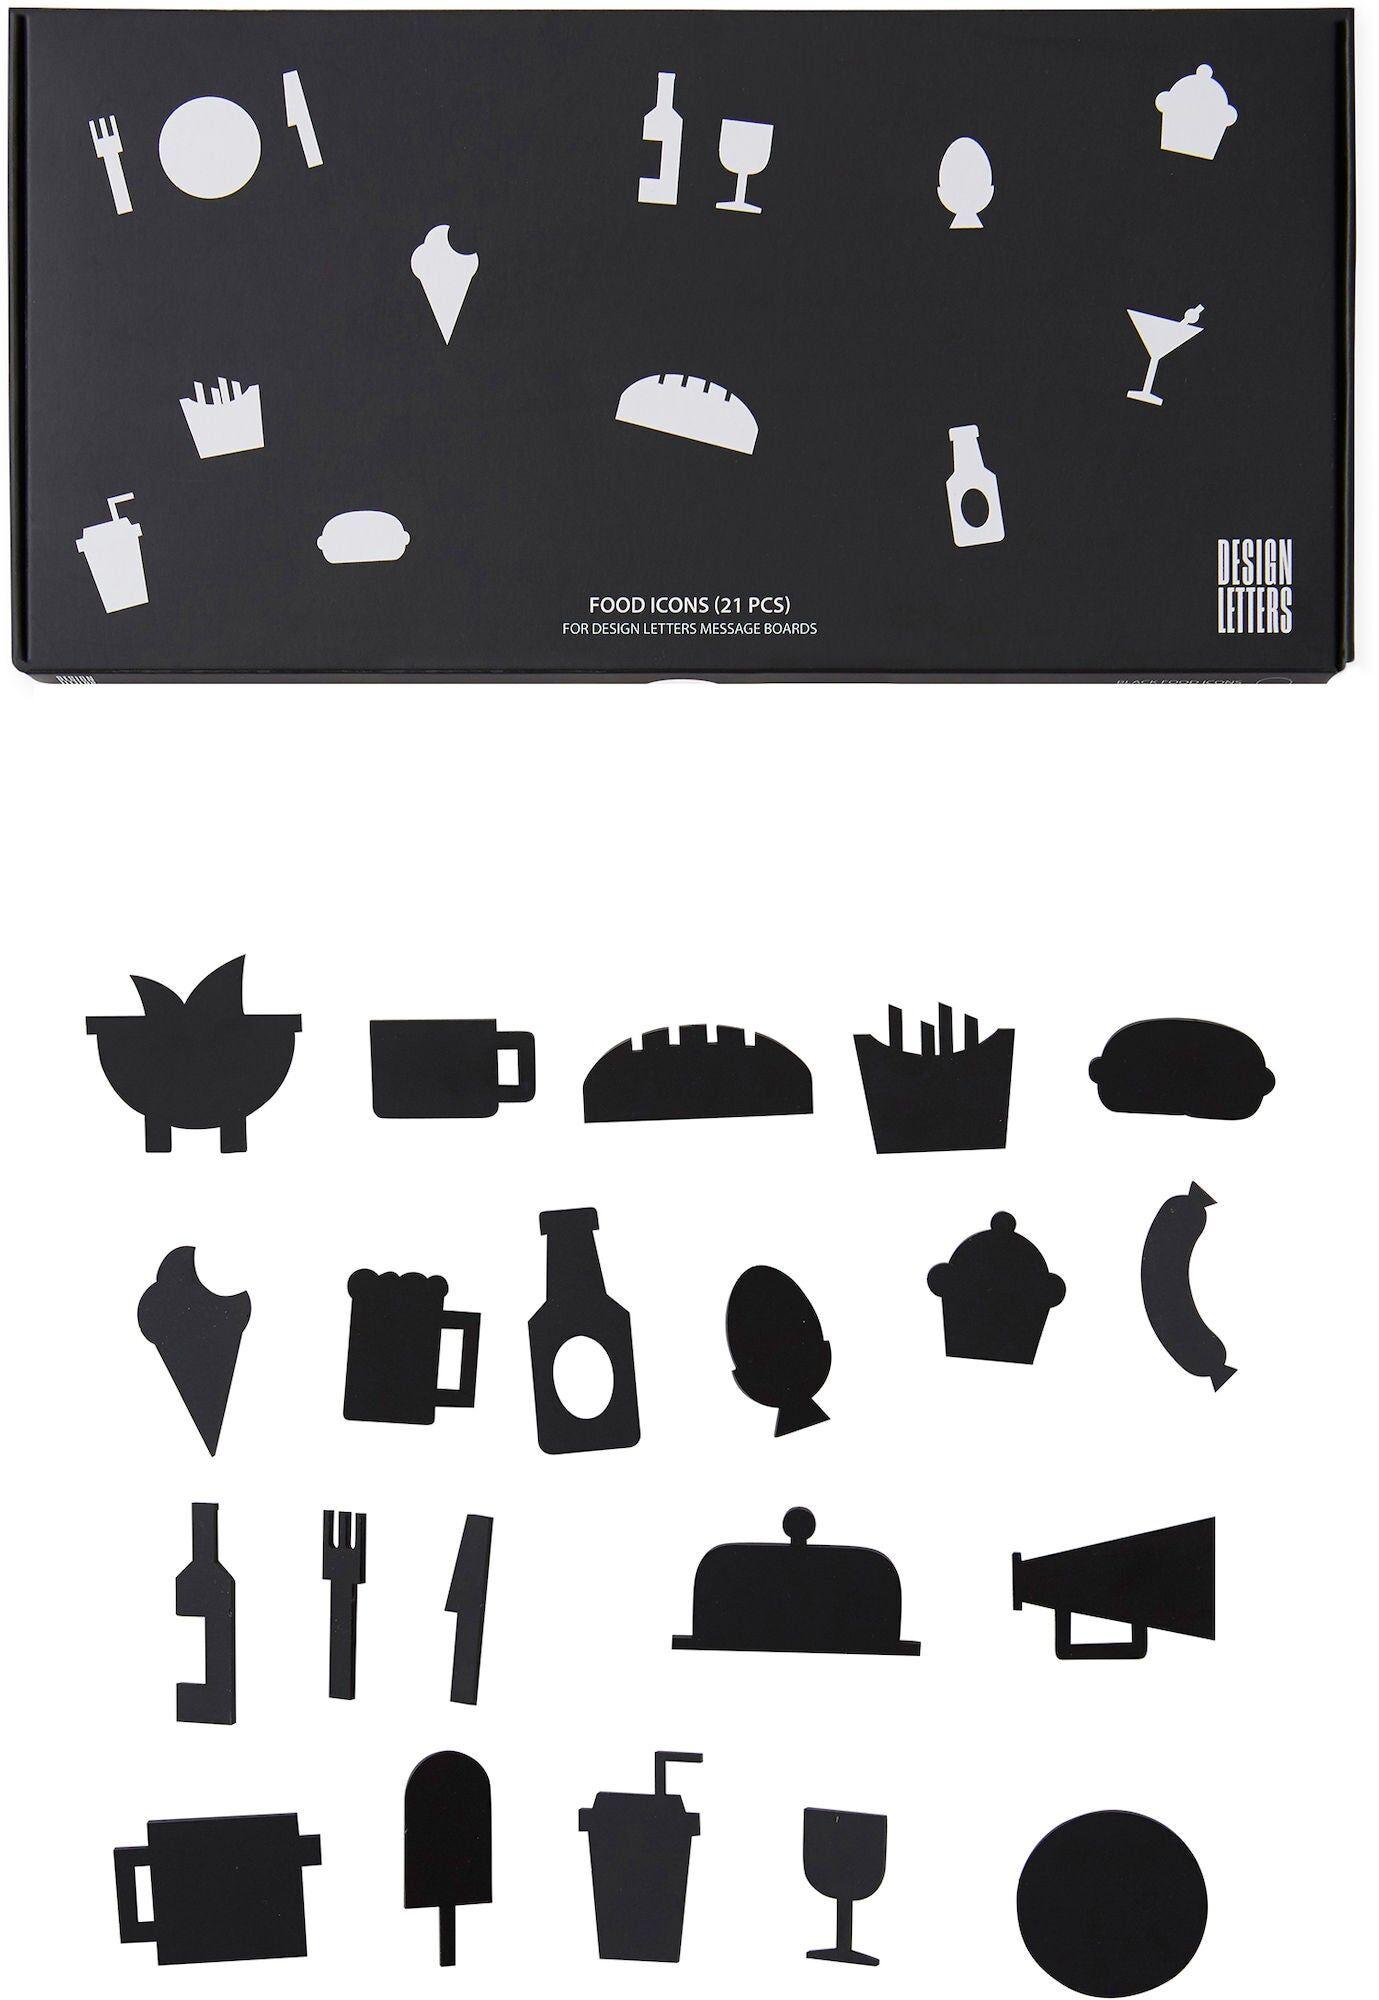 Design Letters Matikoner for Oppslagstavle 21 pcs, Svart